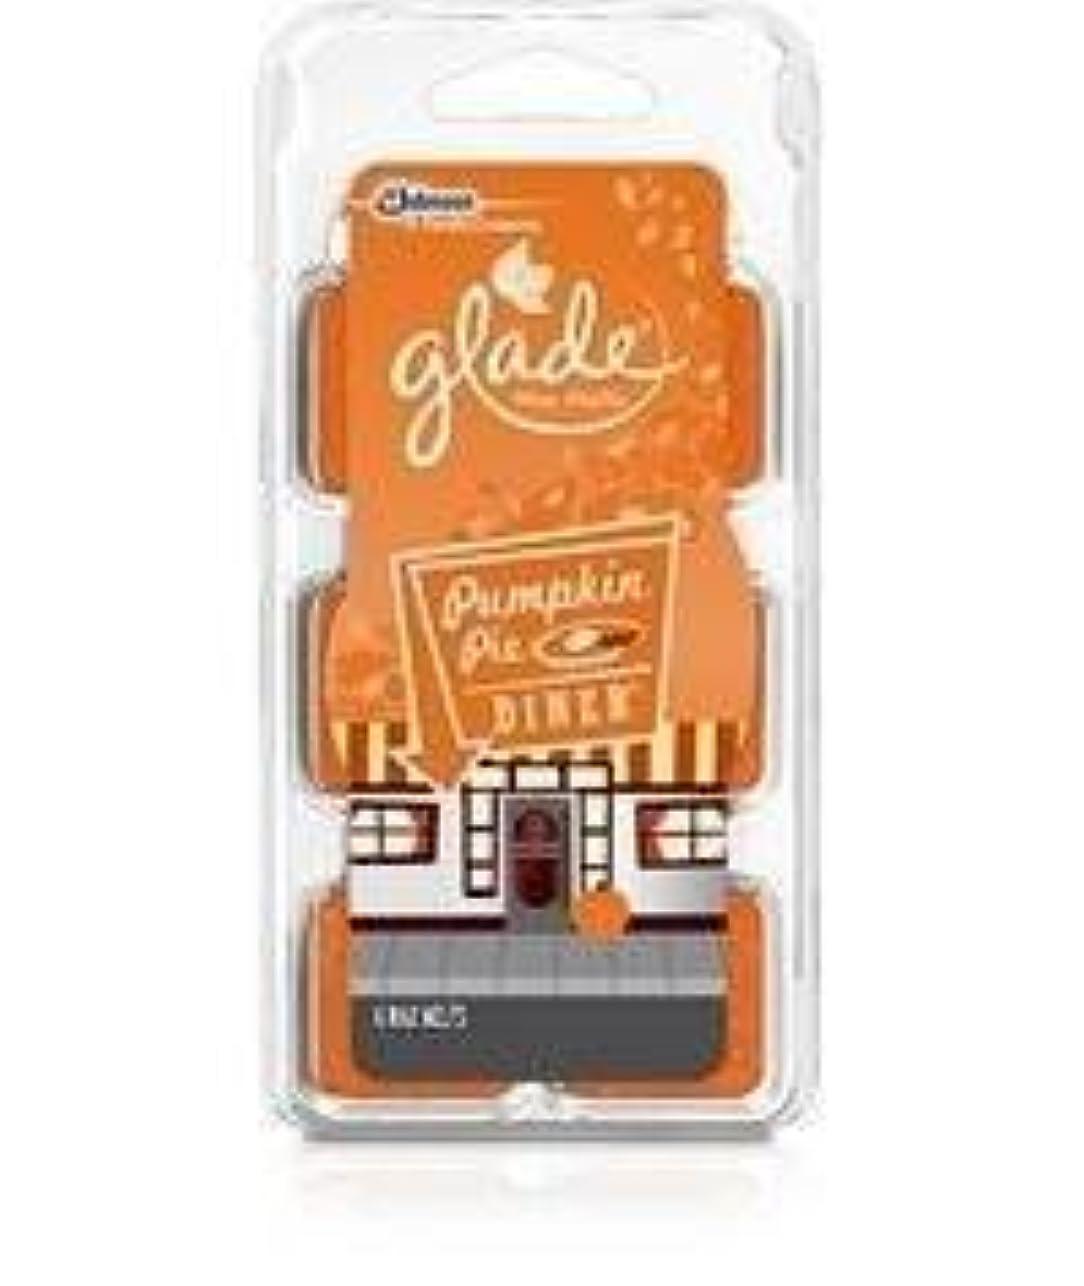 事故へこみ魅惑するGladeワックスMelts – Limited Edition冬コレクションfor the Holidays ( 3、パンプキンパイDiner ) by SCジョンソン